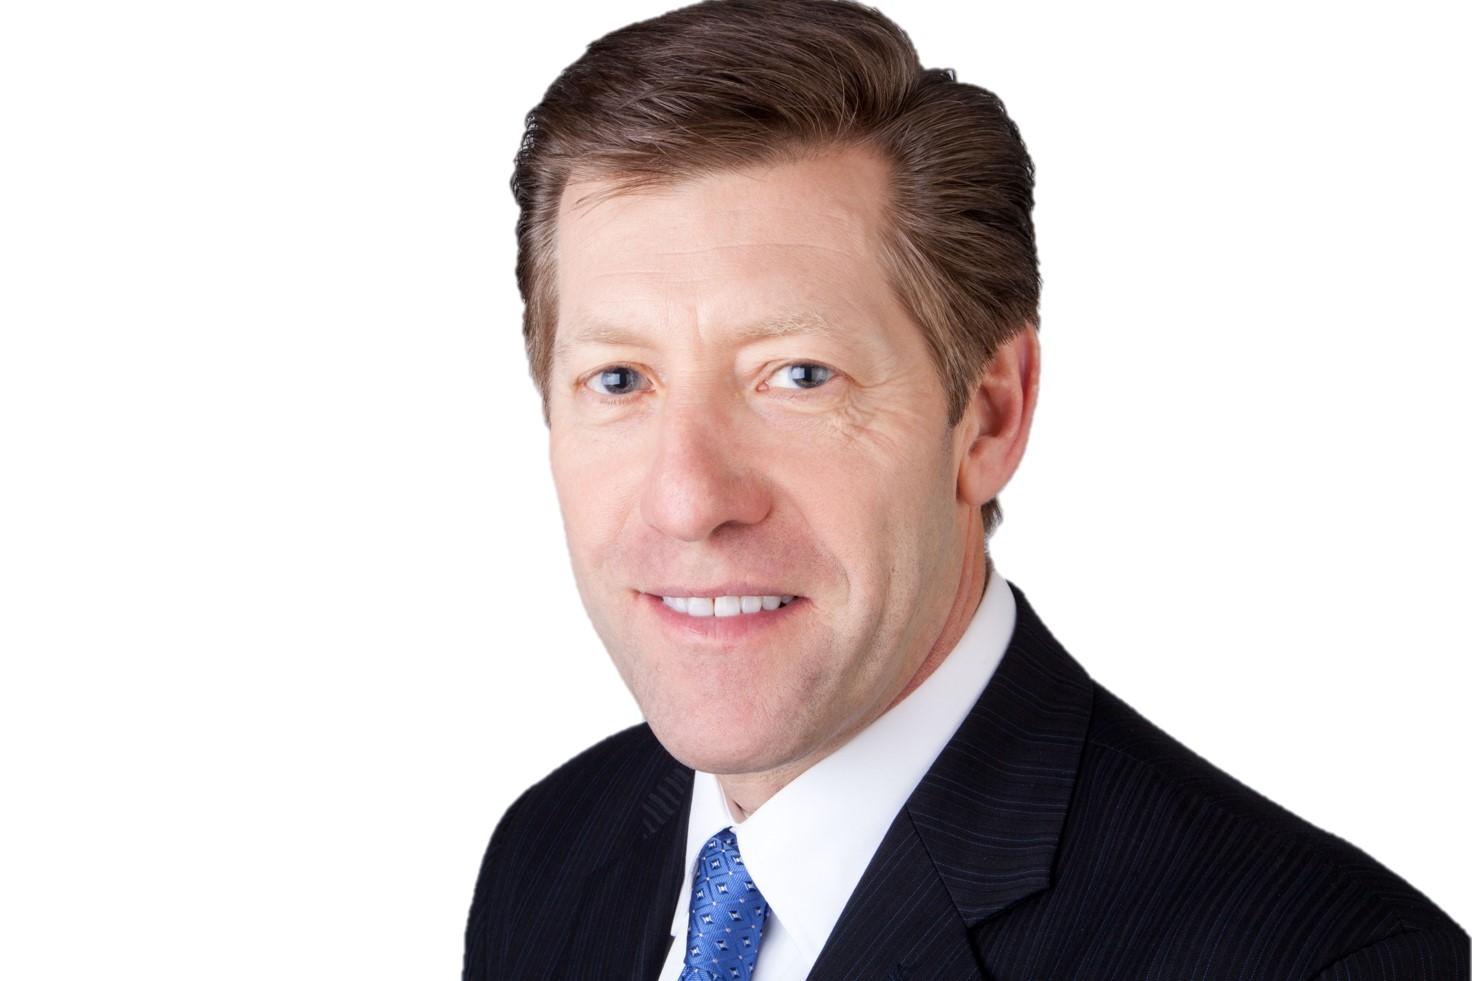 Steve Stevens, Kentucky REALTORS C.E.O.